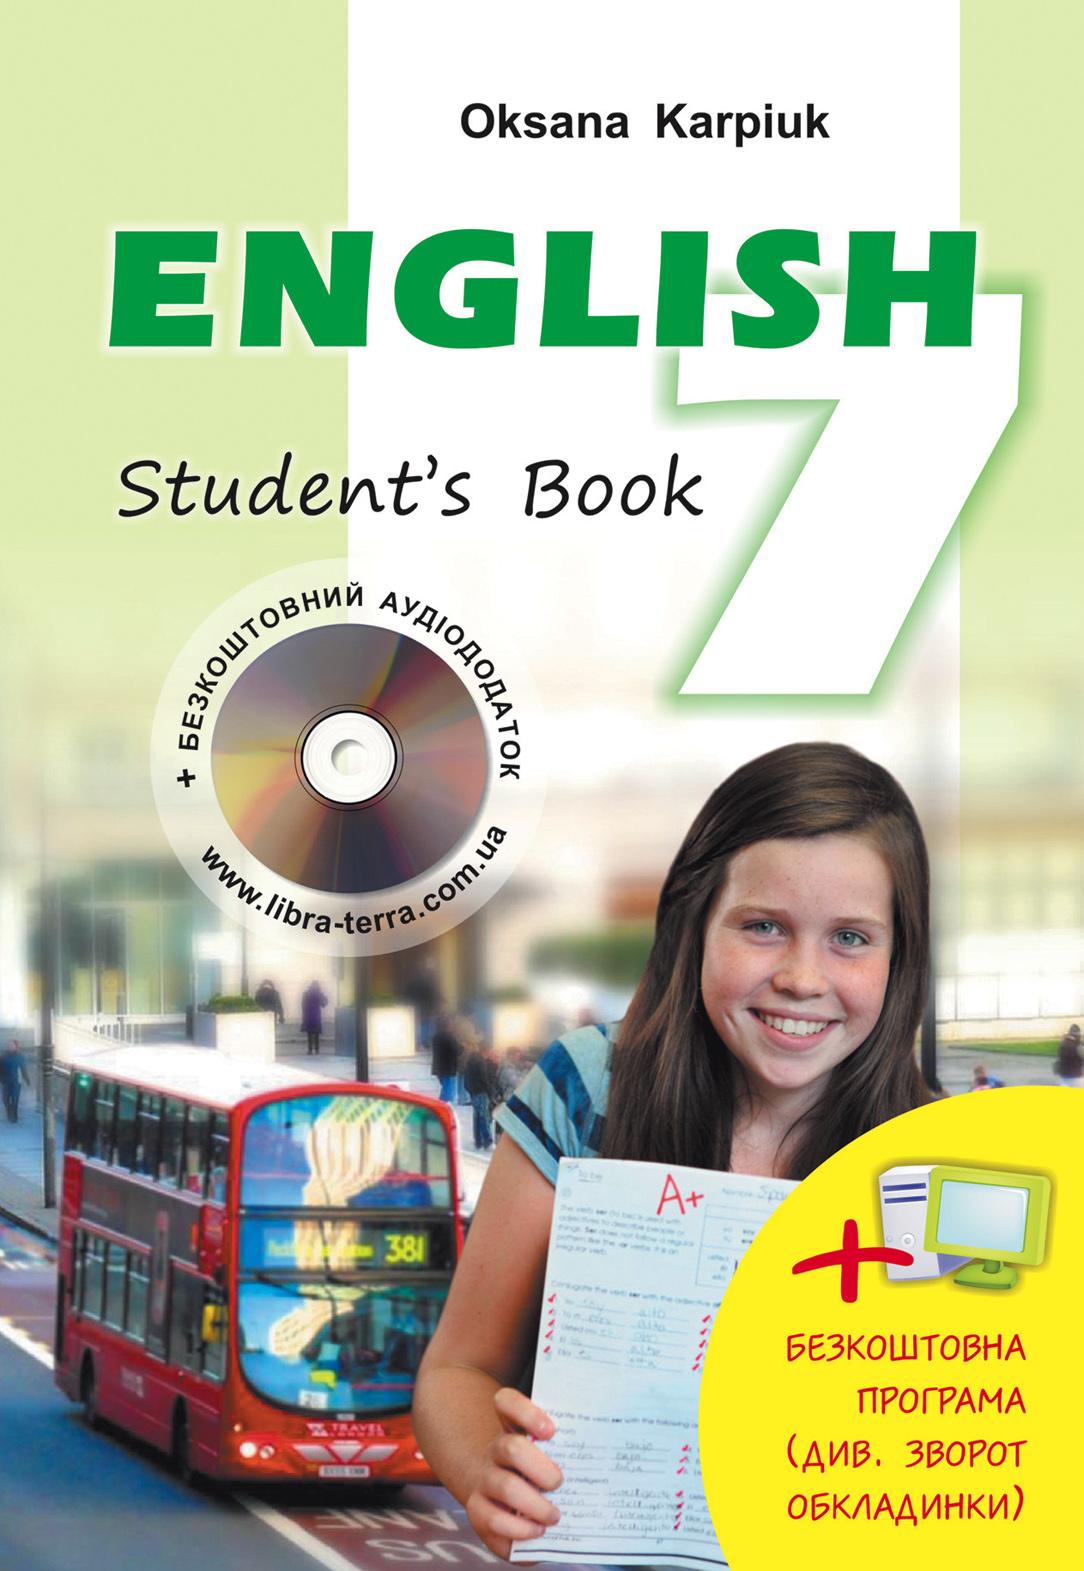 Английский язык 10 класс книга карпюк скачать